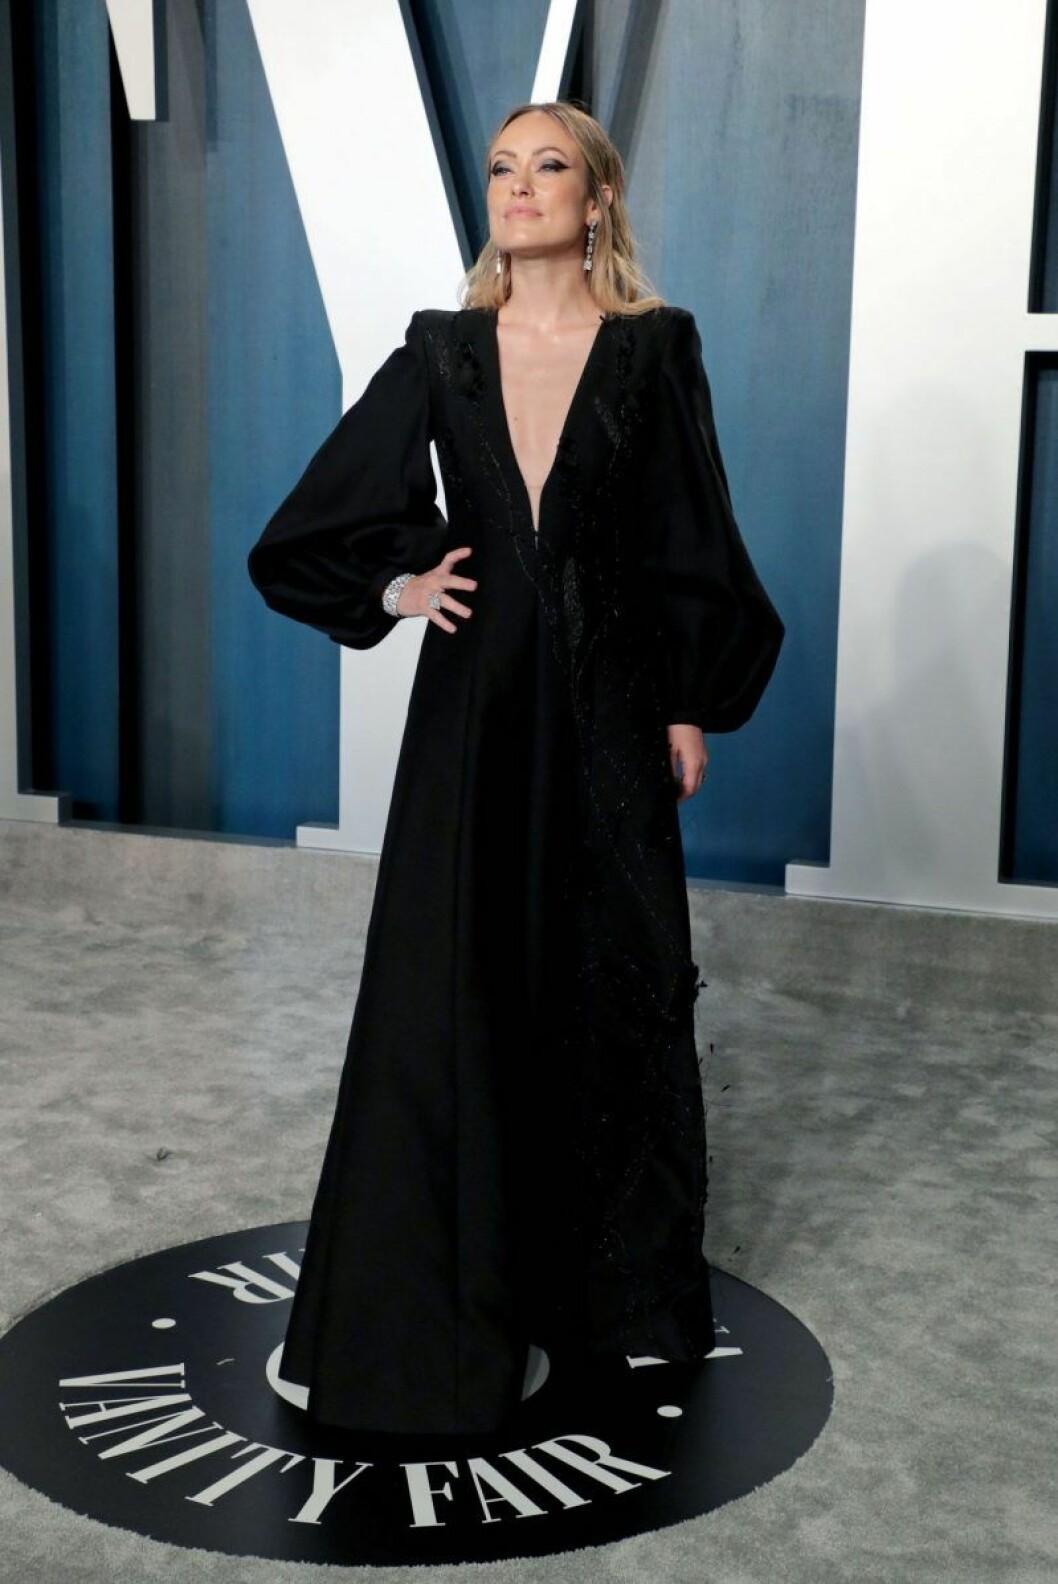 Olivia Wilde i svart klänning